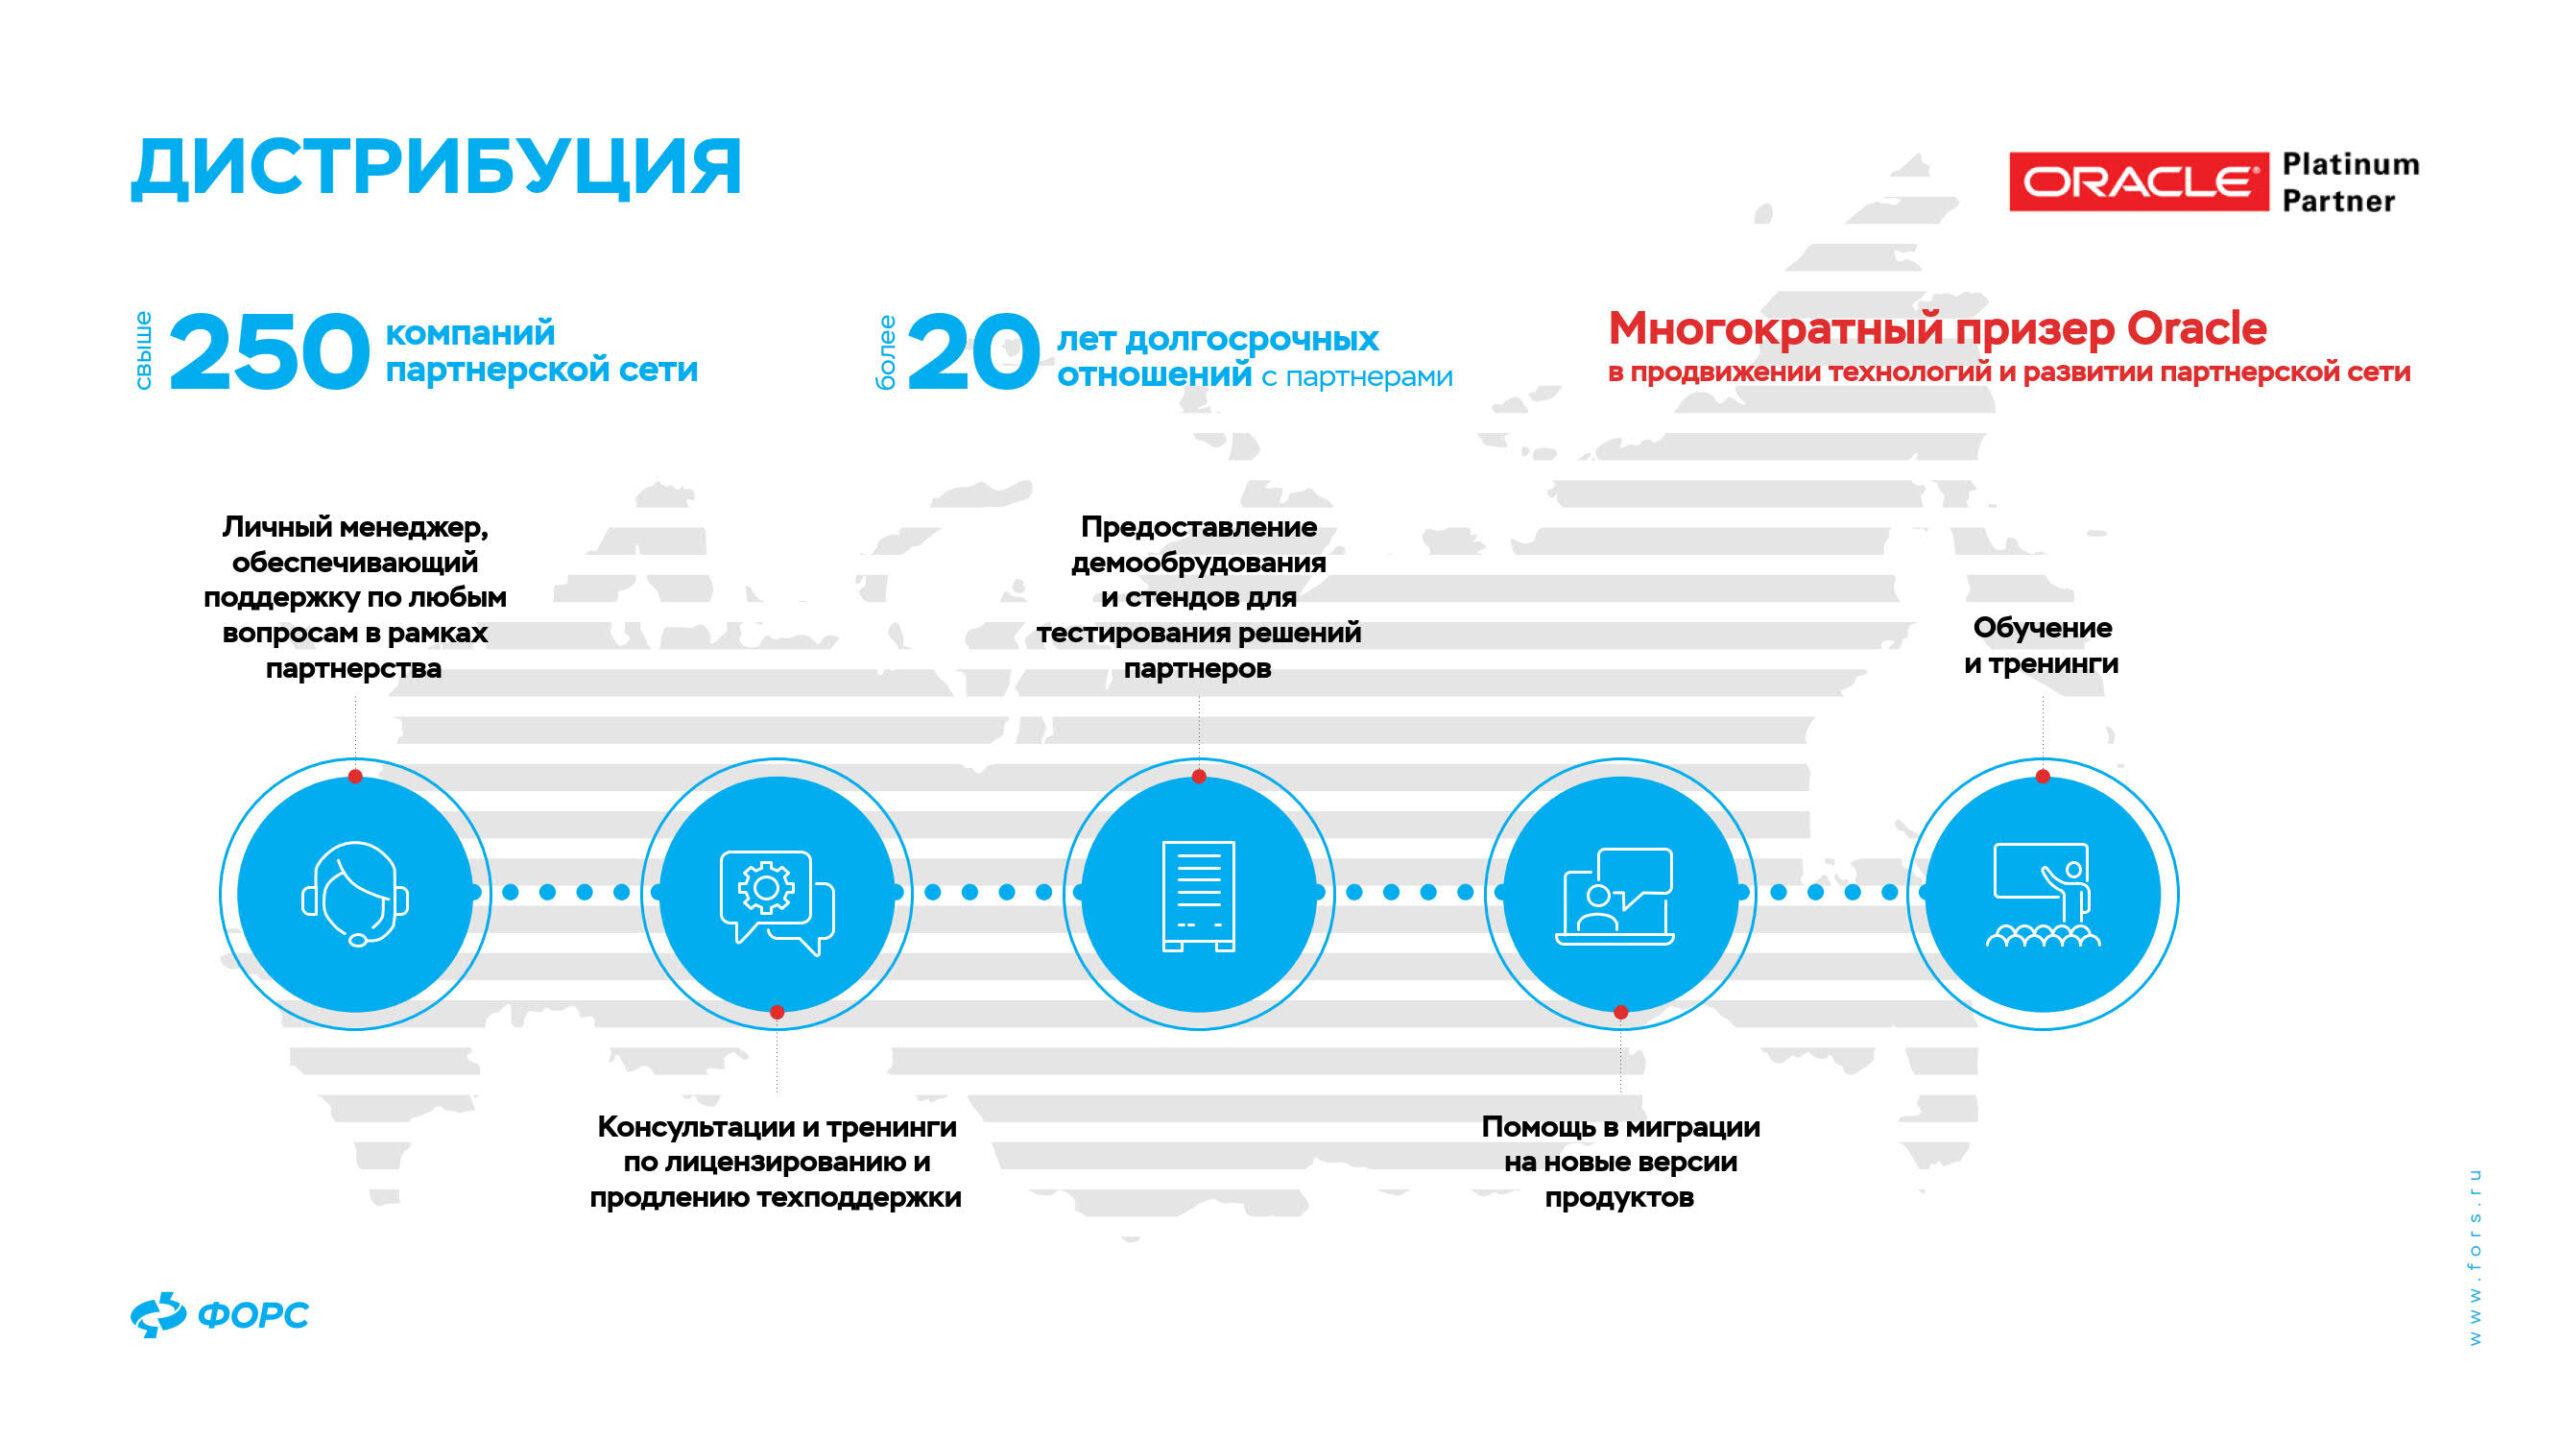 Презентация IT-решений ГК «Форс»